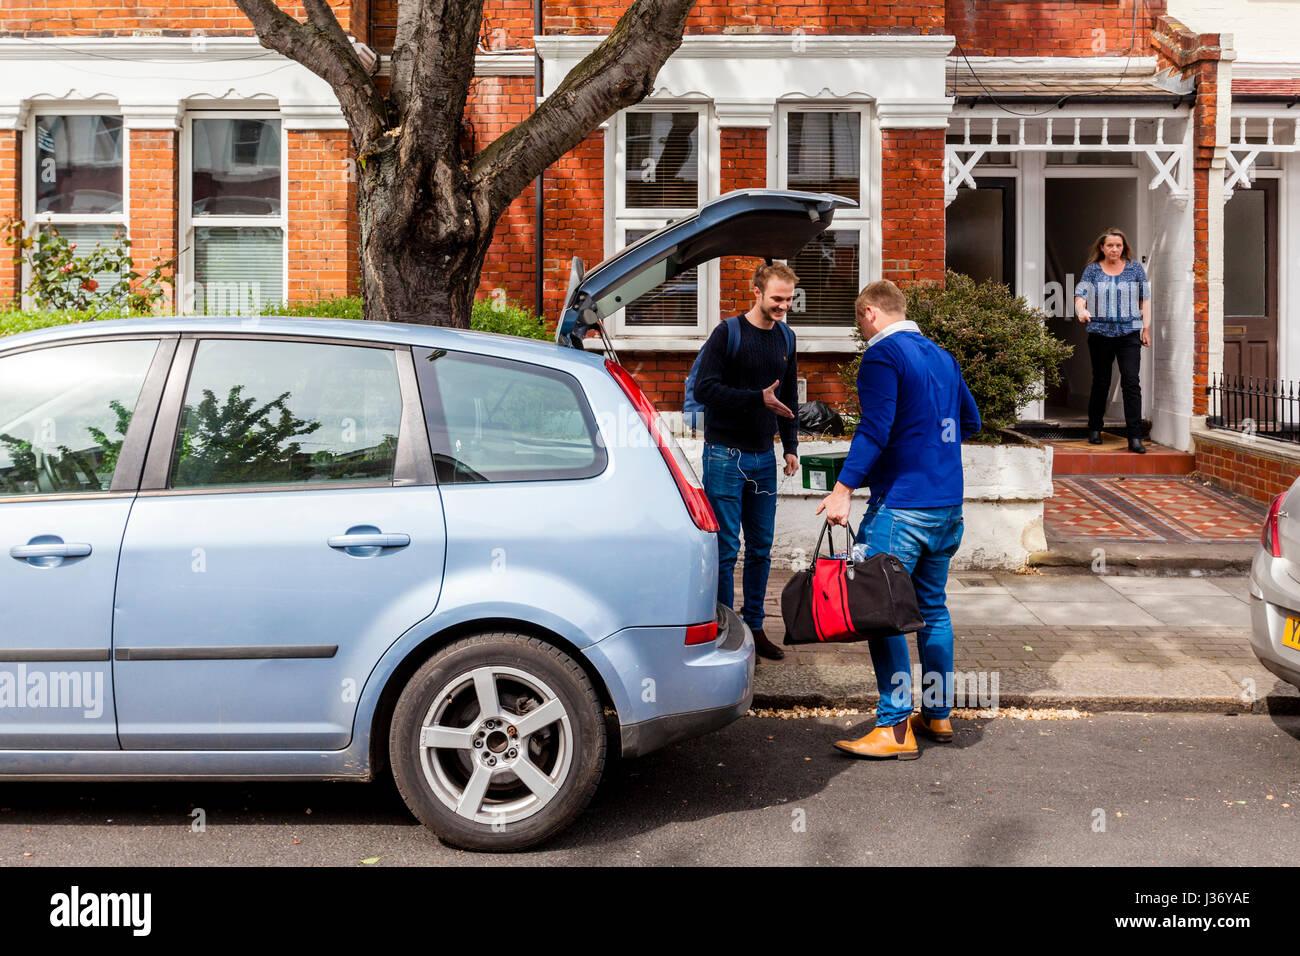 Un jeune homme se félicitant de son nouveau voisin, Londres, Angleterre Photo Stock